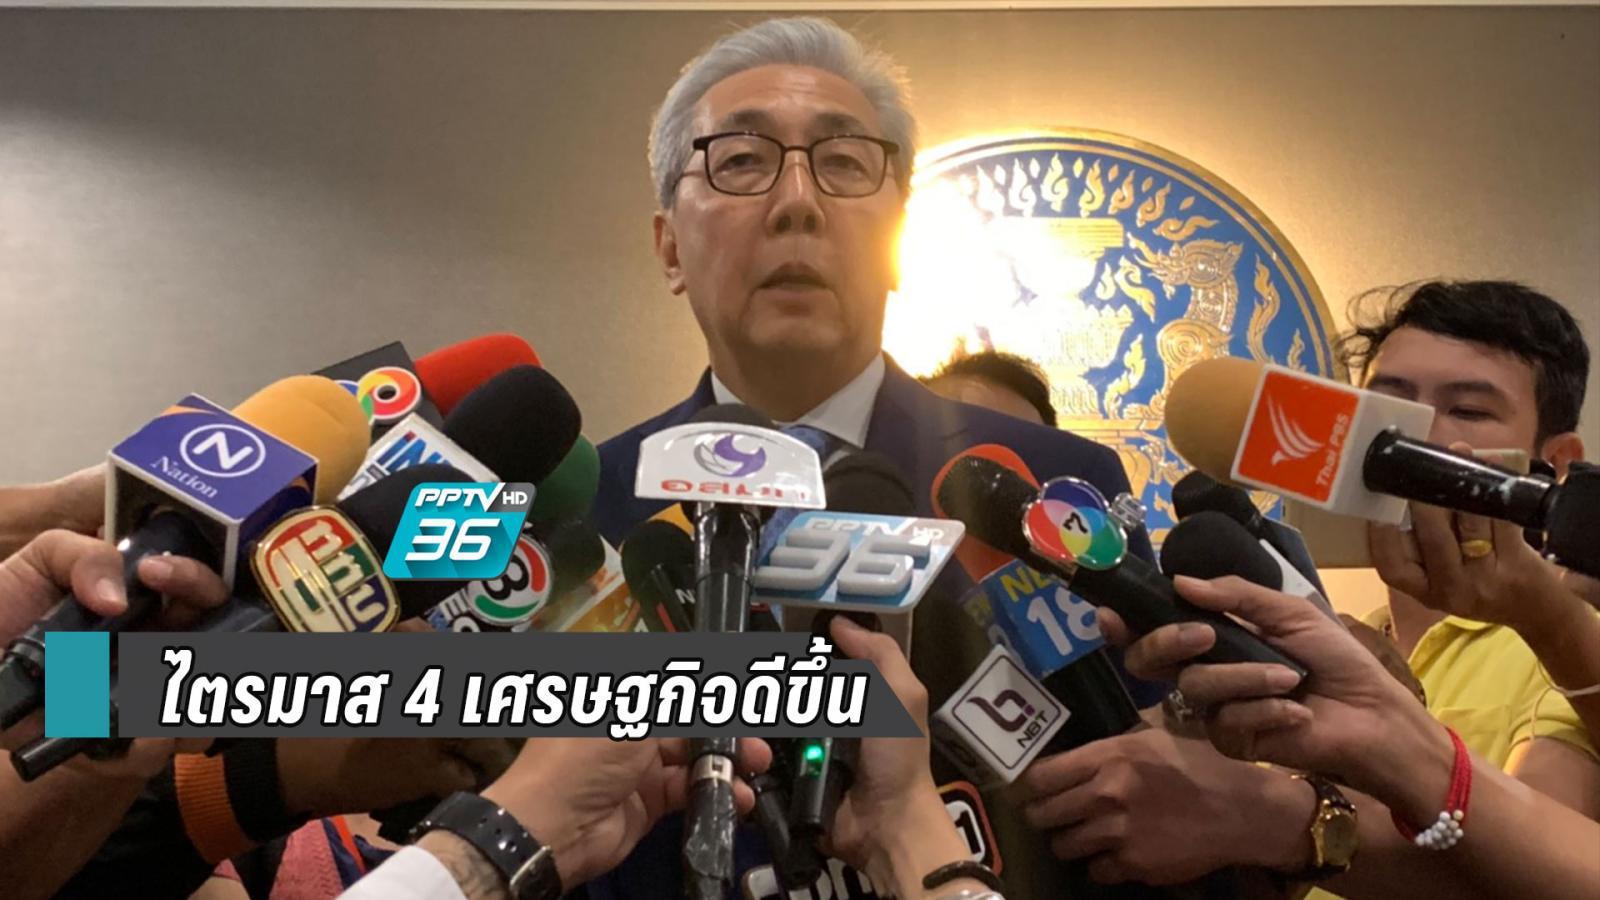 """""""สมคิด"""" เชื่อไตรมาส 4 เศรษฐกิจไทยดีขึ้น ขออย่ากังวลจนเกิดภาพลบ"""